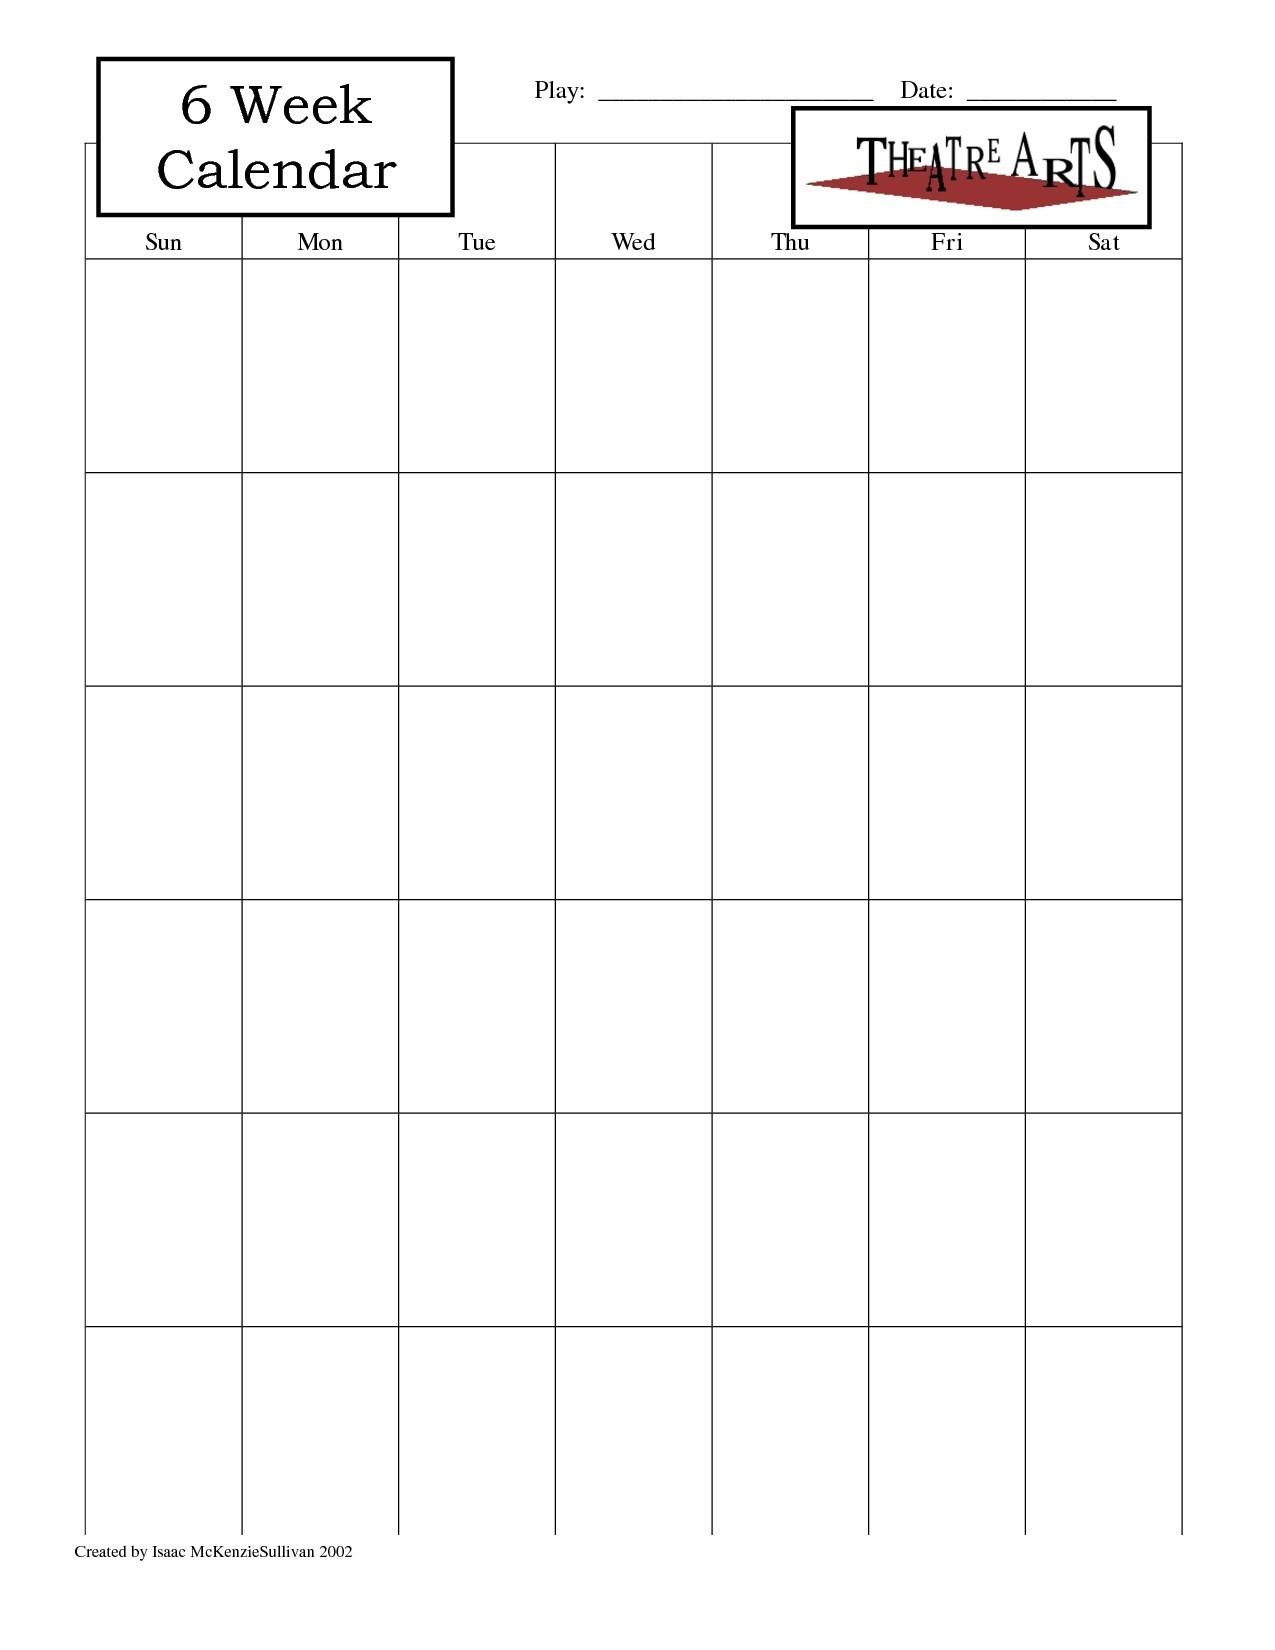 6 Week Calendar Template - Free Calendar Collection